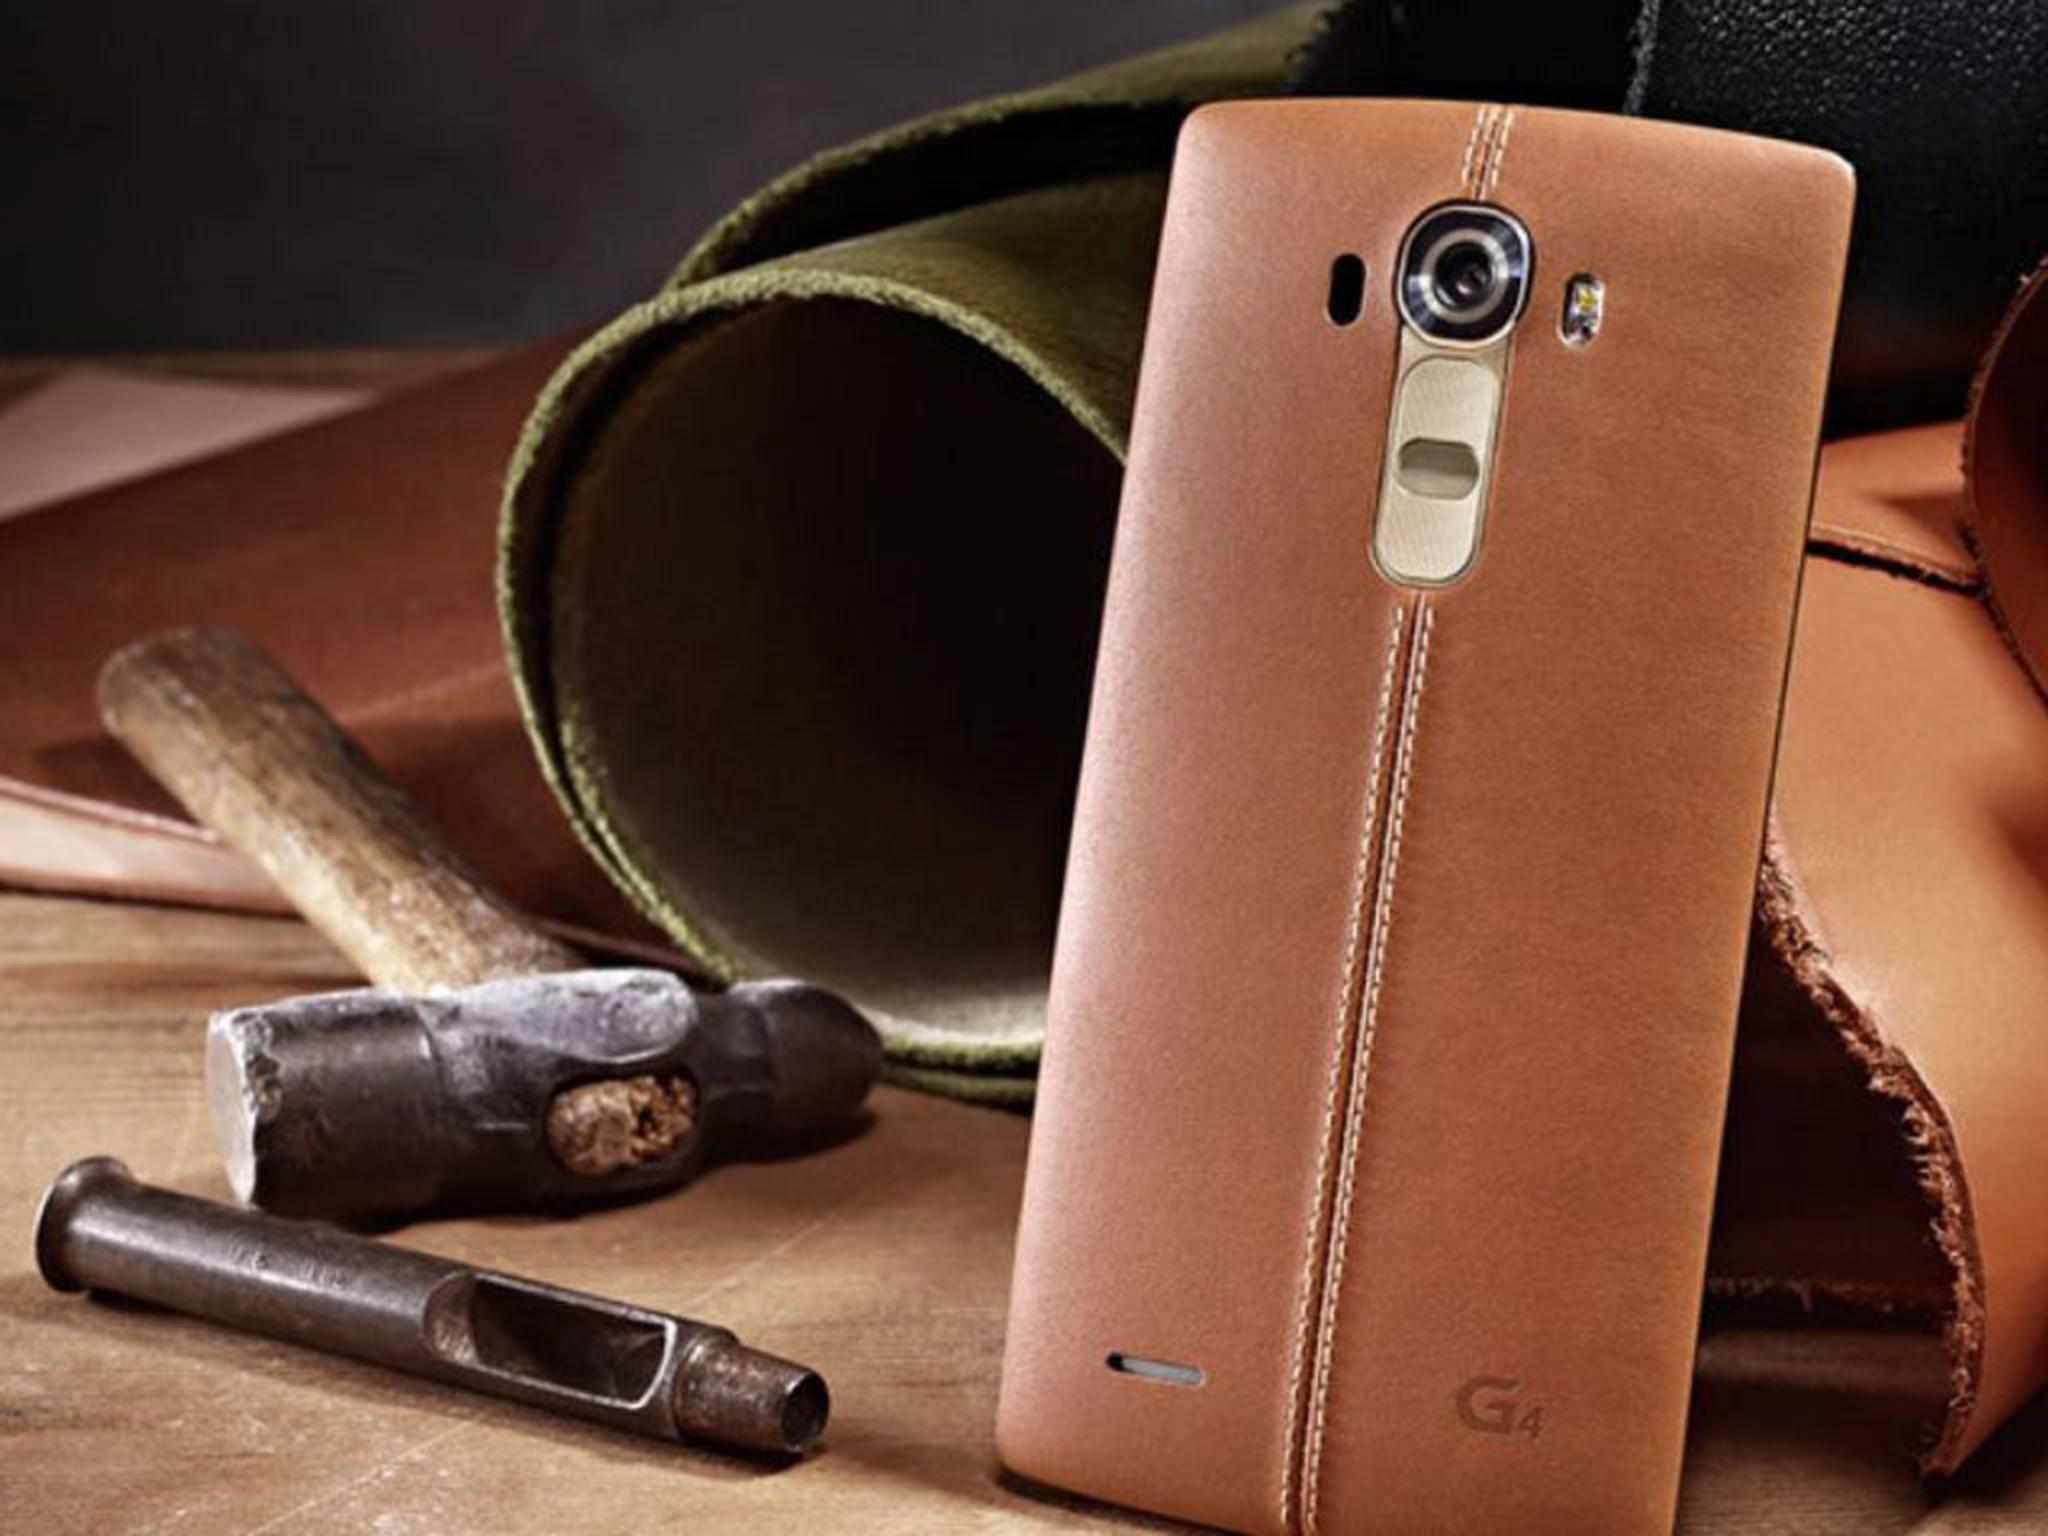 Alles Leder: Durch einen Leak sind kurz vor der offiziellen Bekanntgabe viele Bilder des neuen LG G4 in Umlauf geraten.